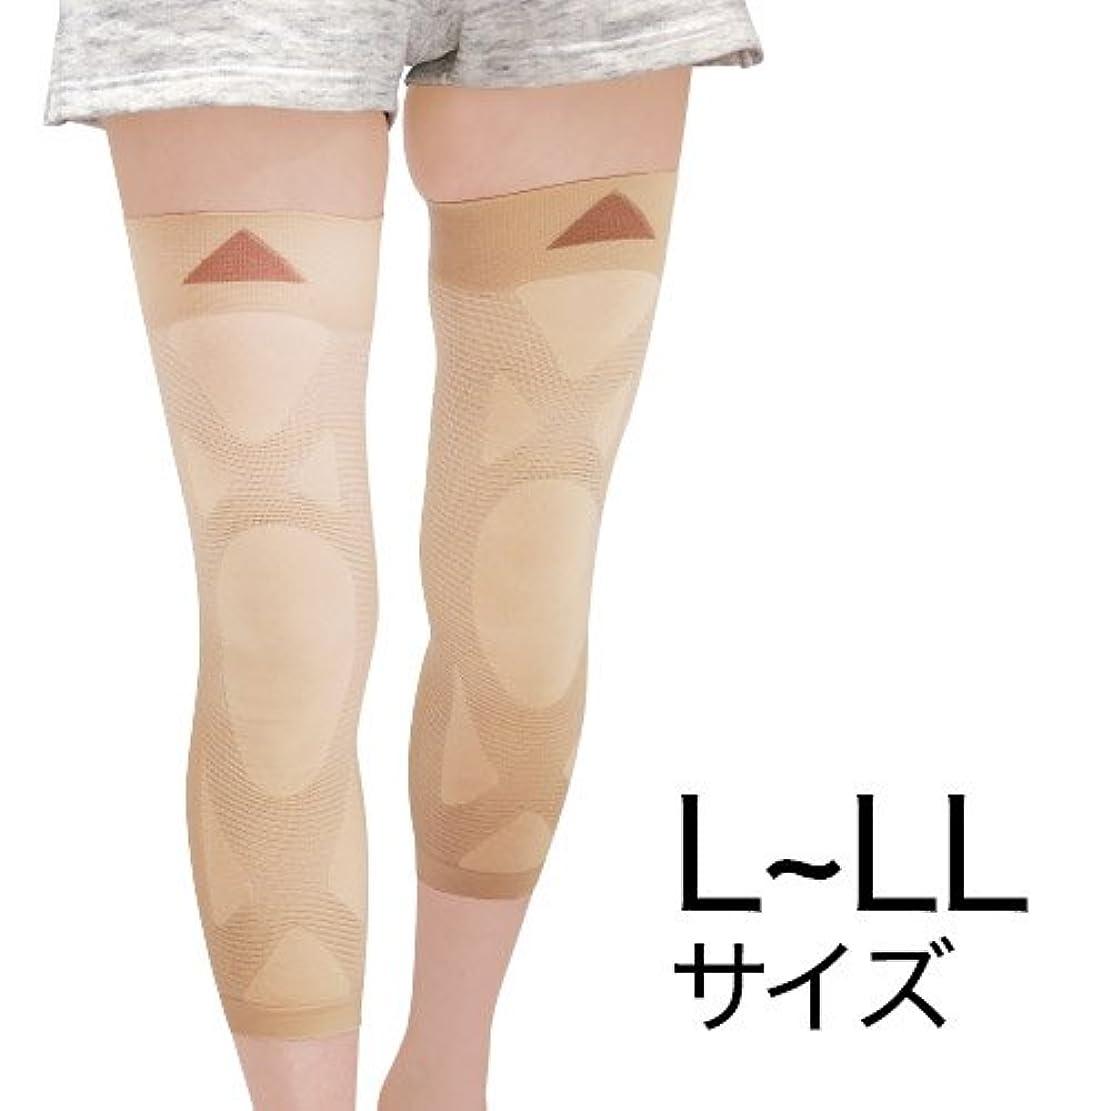 聖域リテラシーどこナチュラルガーデン 膝楽サポーター L~LL(左右共通2枚組)